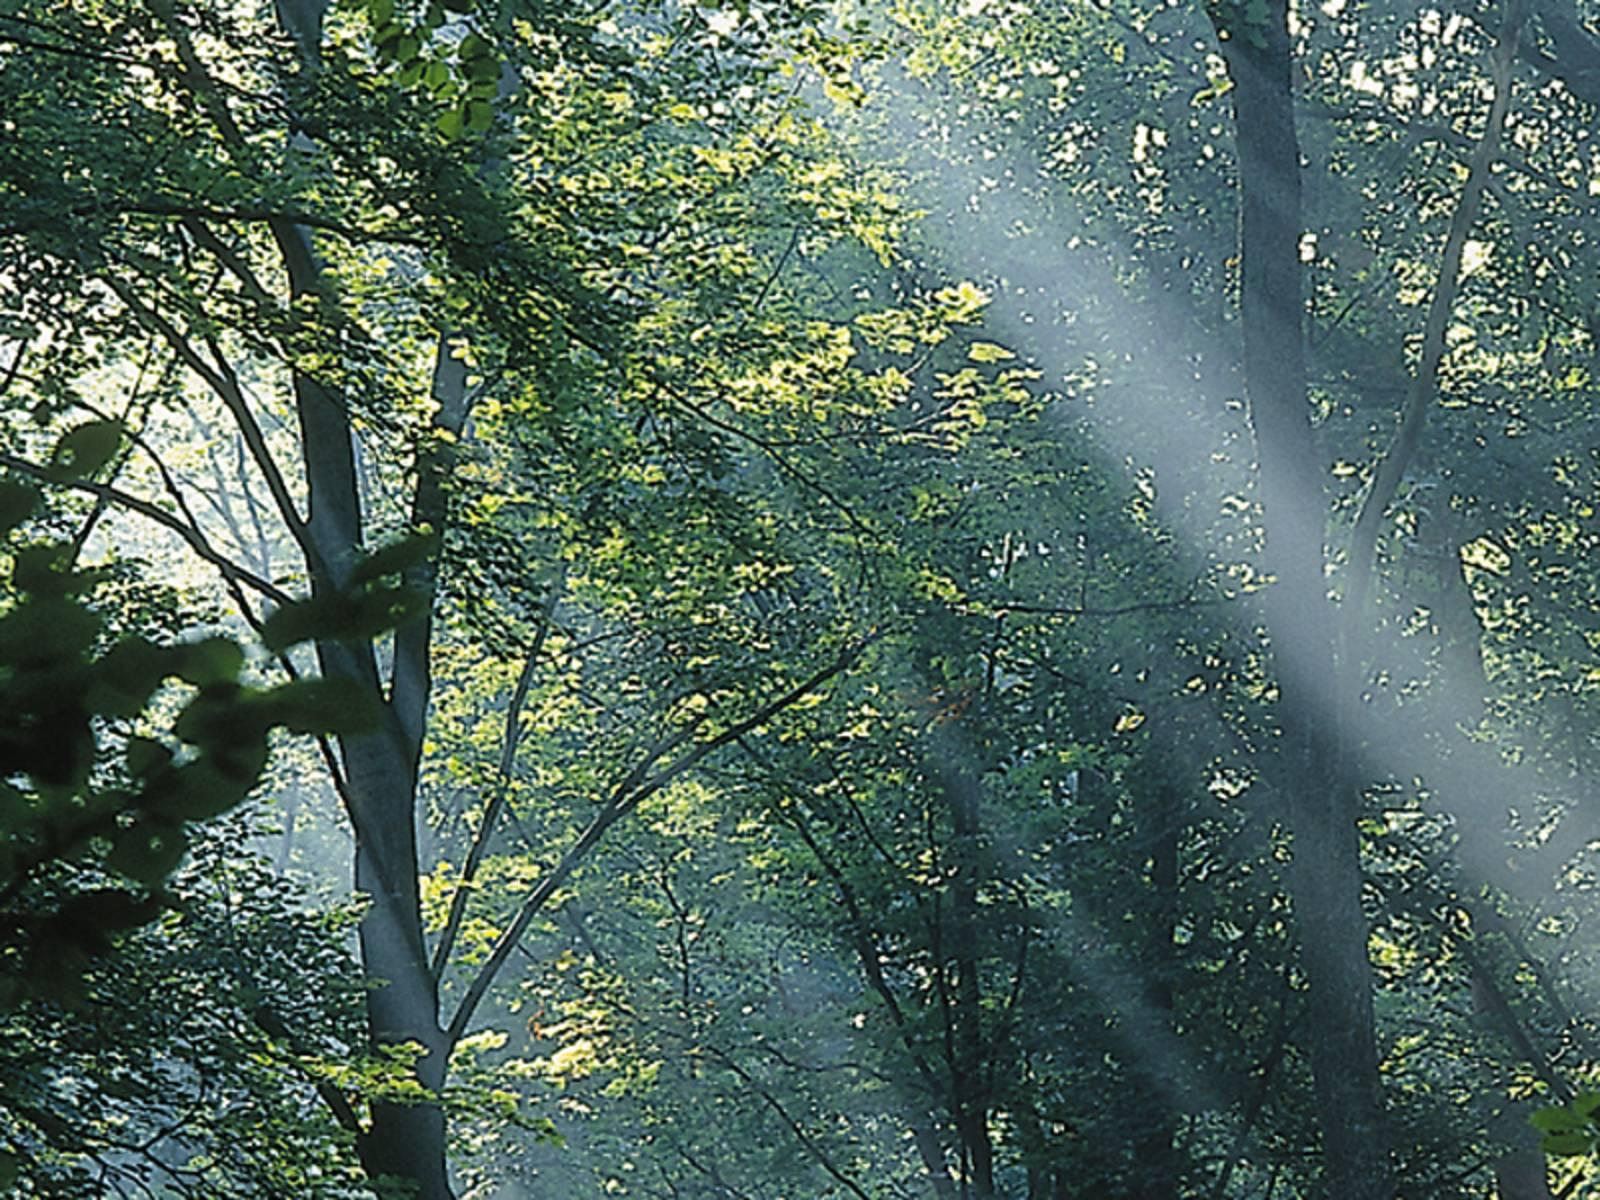 Sonnenlicht, dass durch die Blätter in einem Laubwald fällt